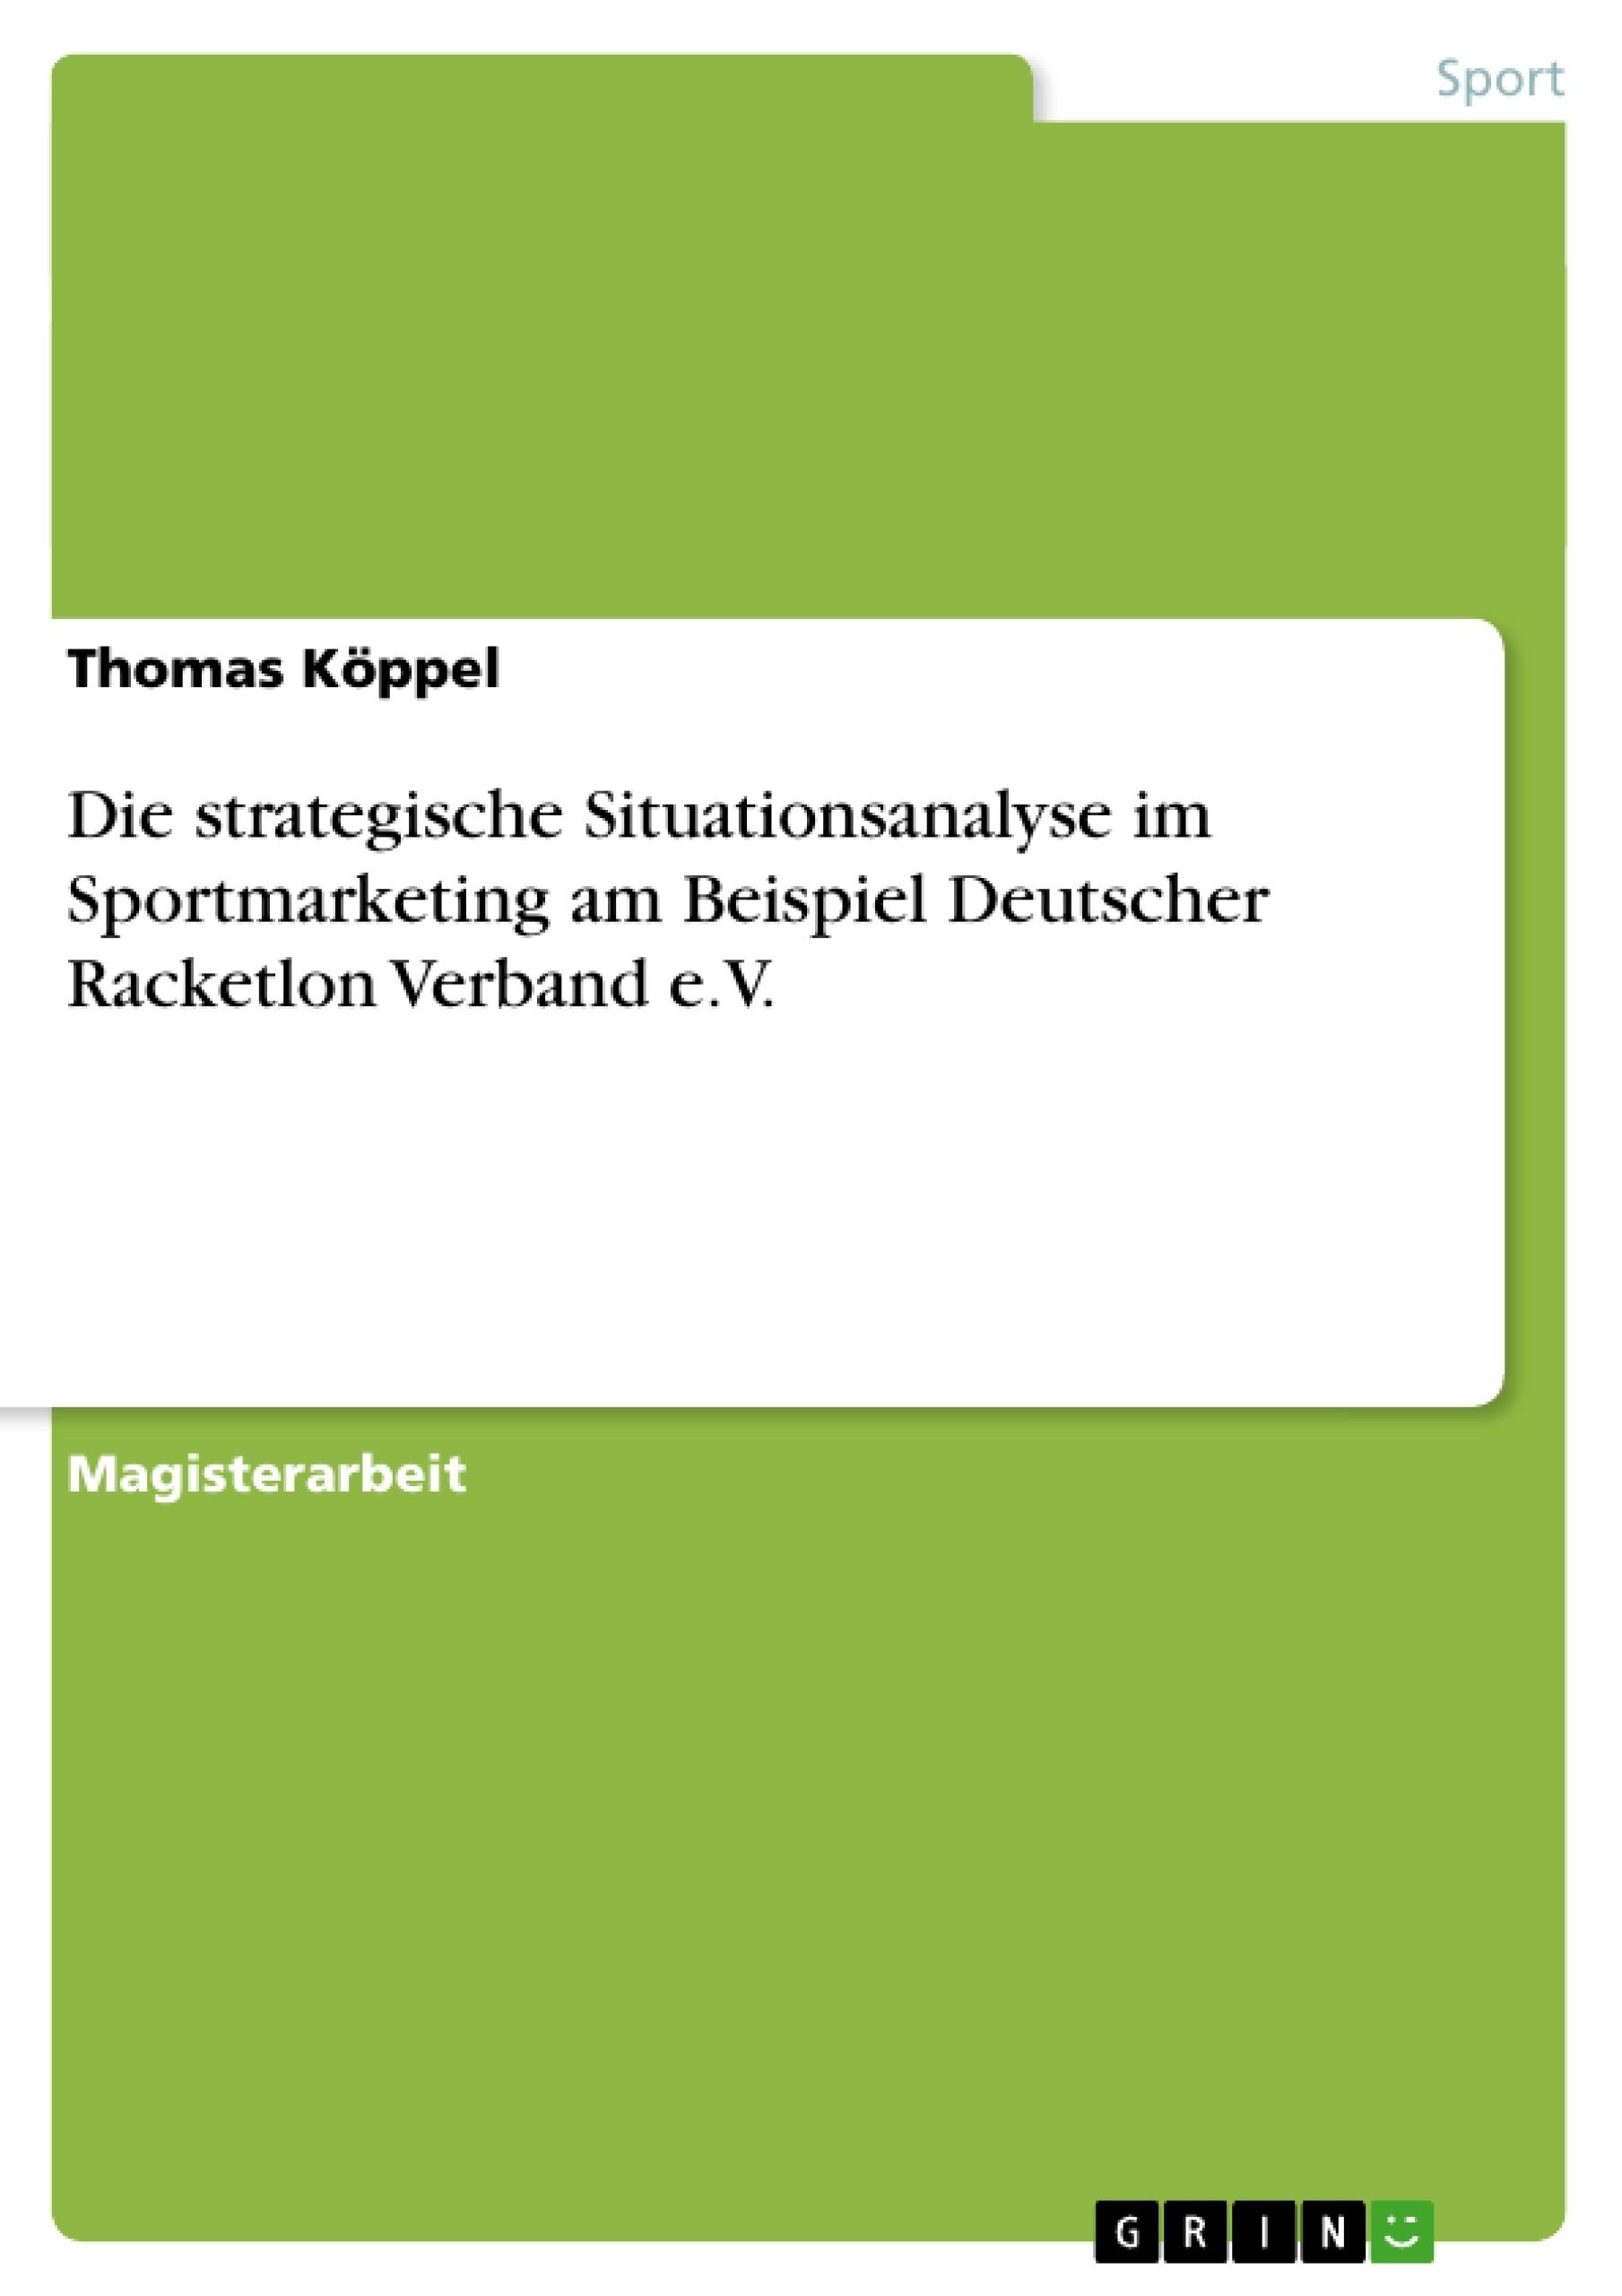 Titel: Die strategische Situationsanalyse im Sportmarketing am Beispiel Deutscher Racketlon Verband e.V.